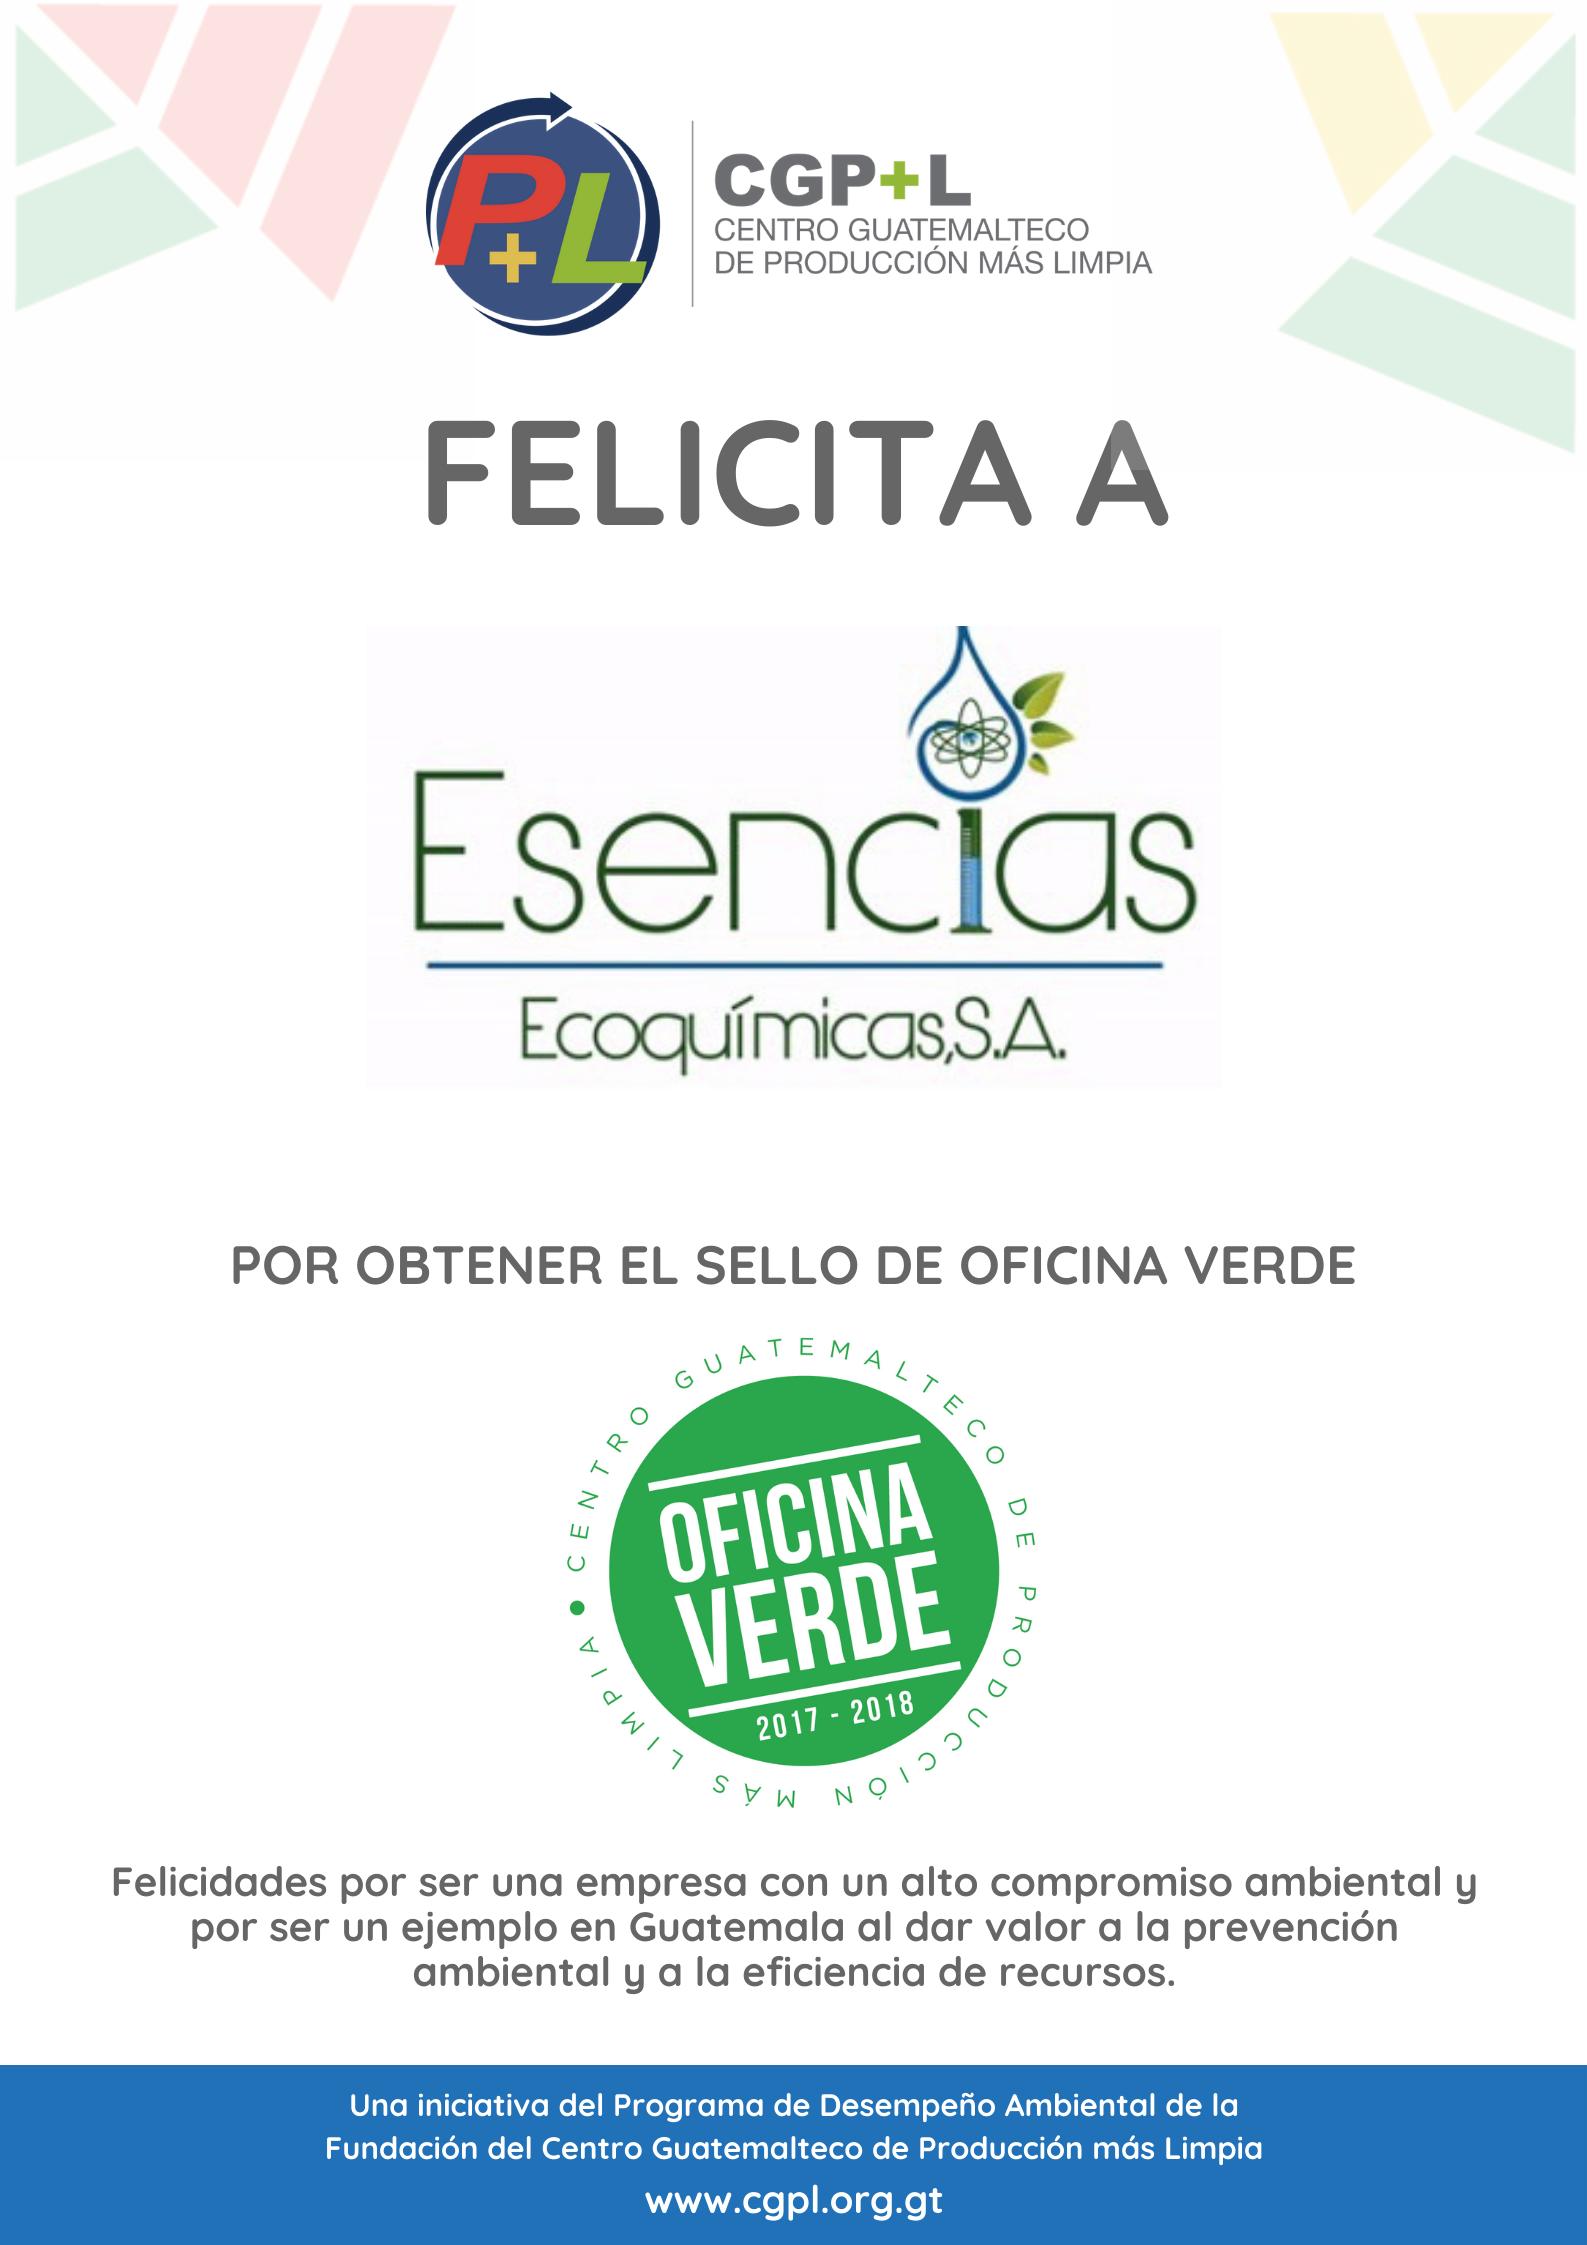 Esencias Ecoquímicas Obtiene El Sello De Oficina Verde, ¡felicidades!